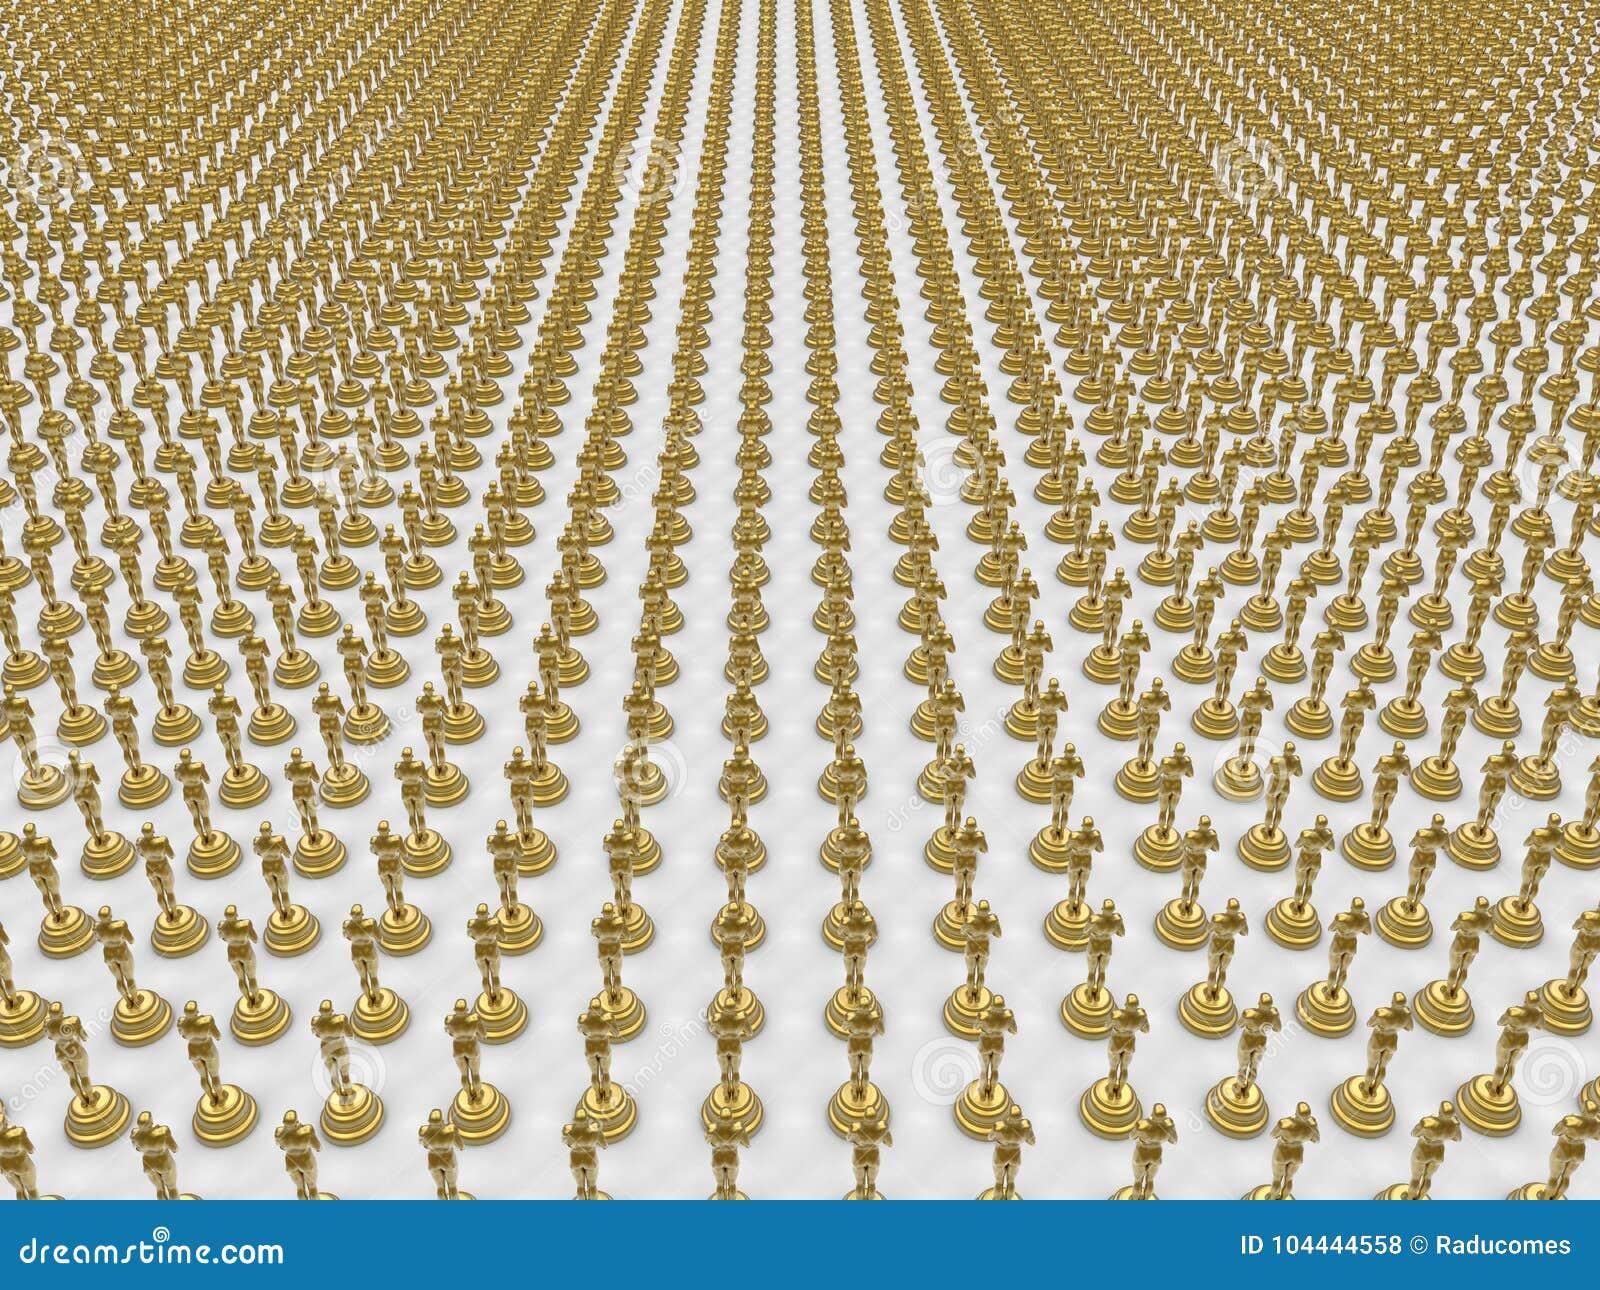 Multiple golden awards stock illustration  Illustration of nobody